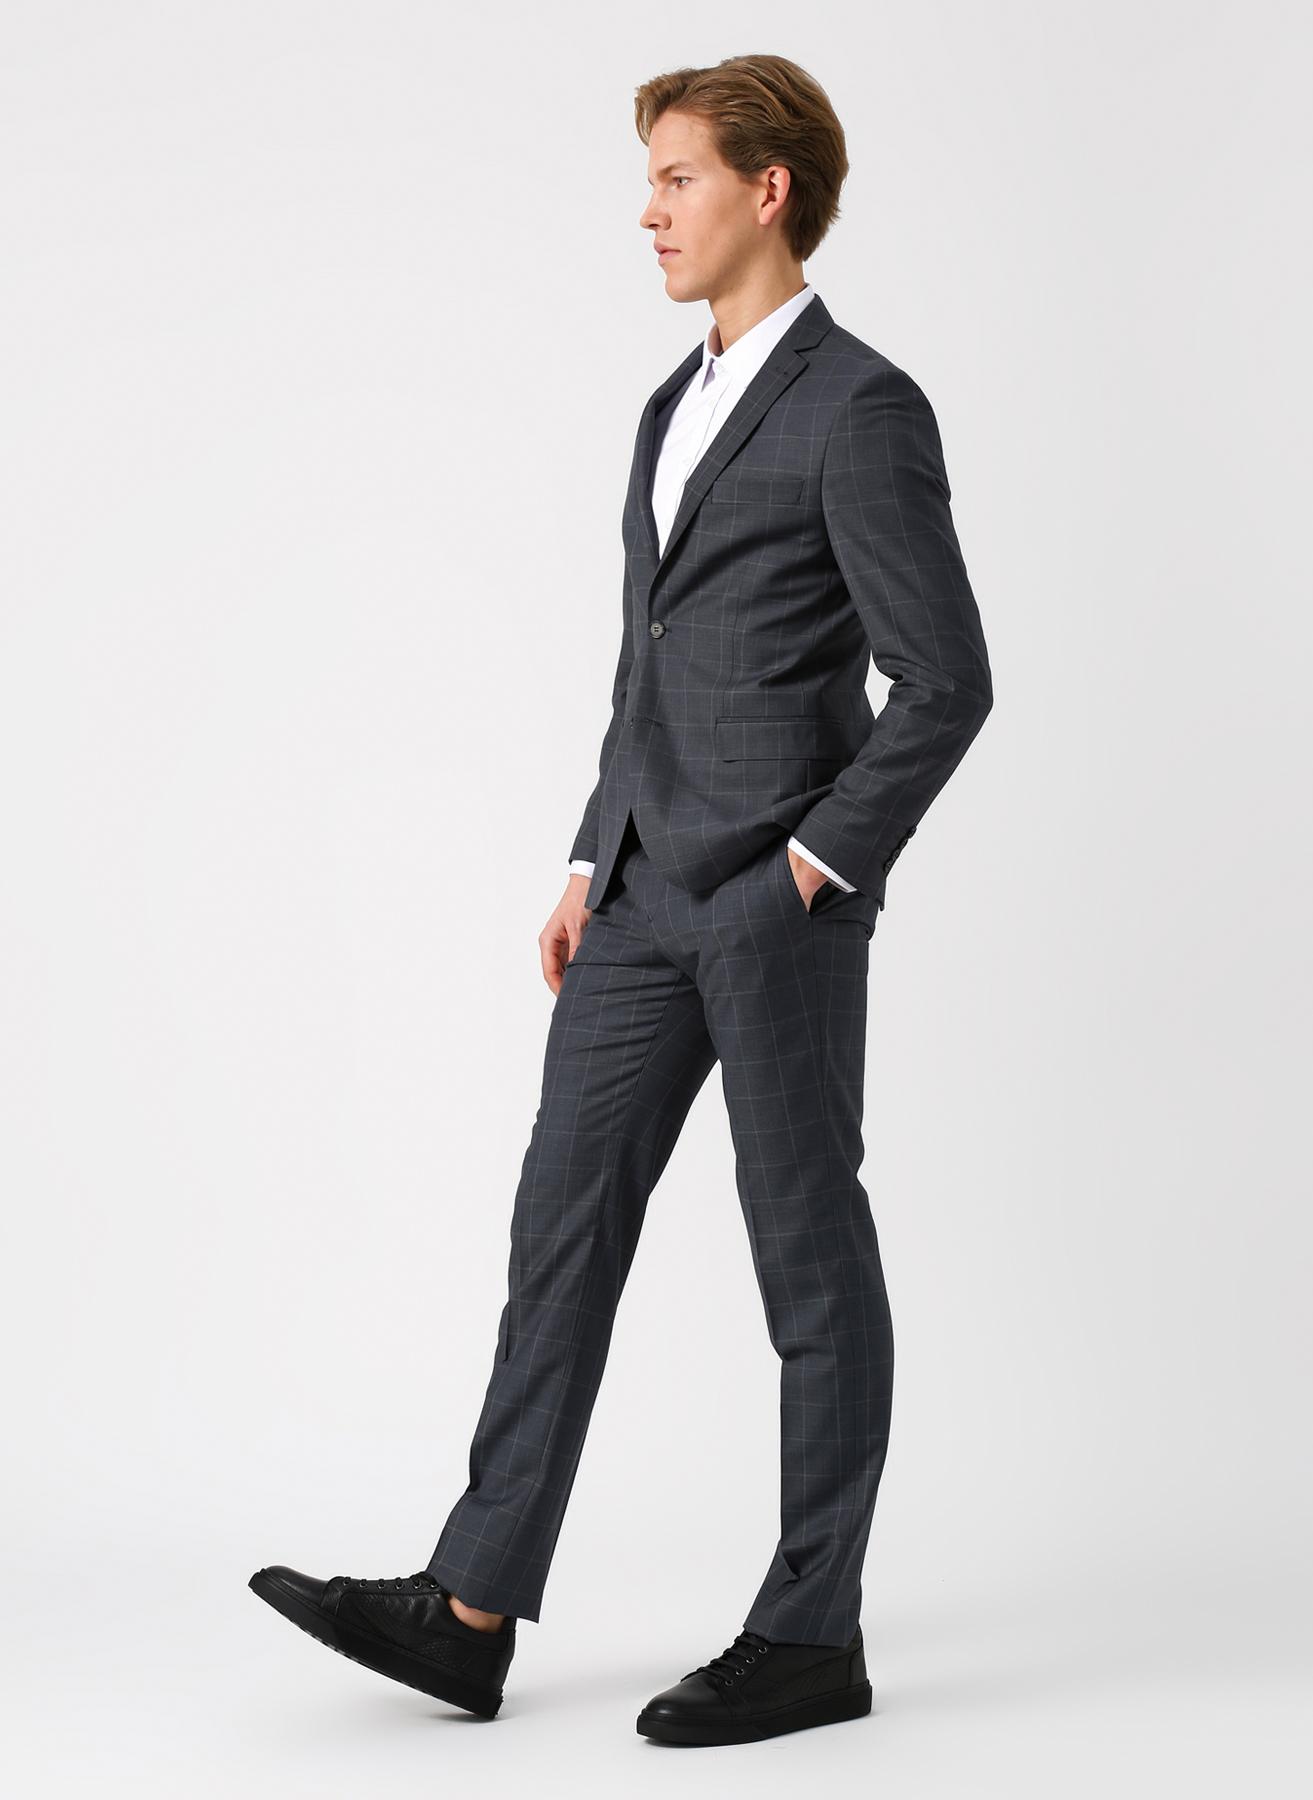 41a52b22e9683 46 Gri Altınyıldız Classic Kareli Slim Fit GriTakım Elbise 5002360024001  Erkek Giyim